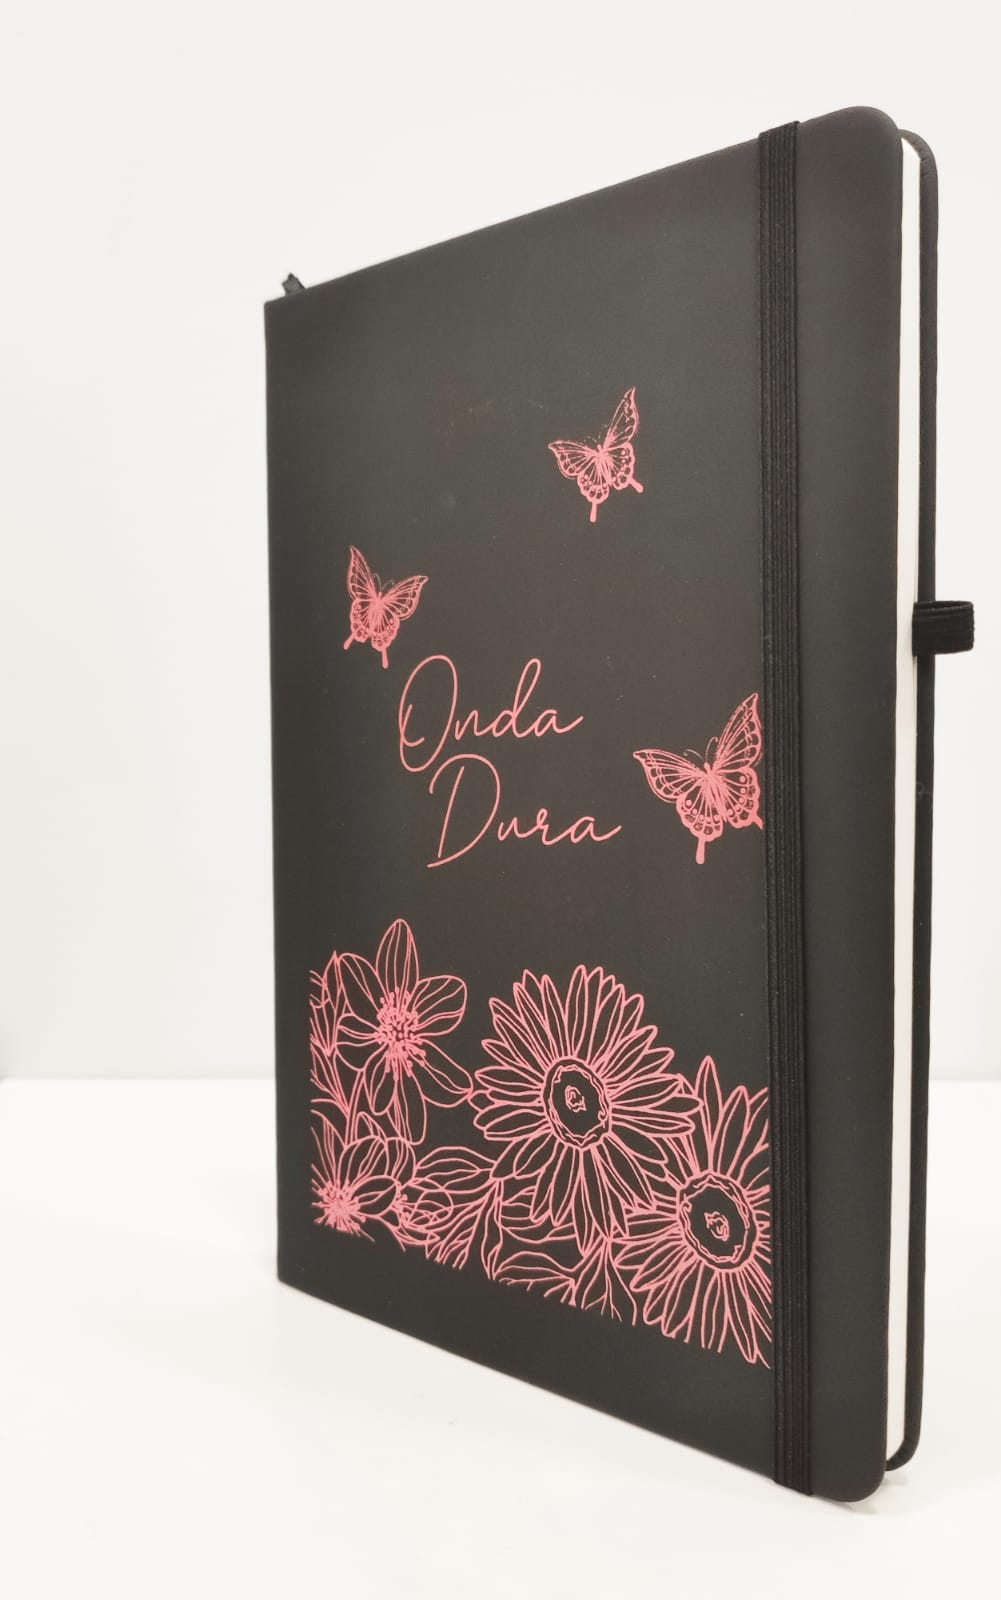 Caderno edição especial mulheres Onda Dura